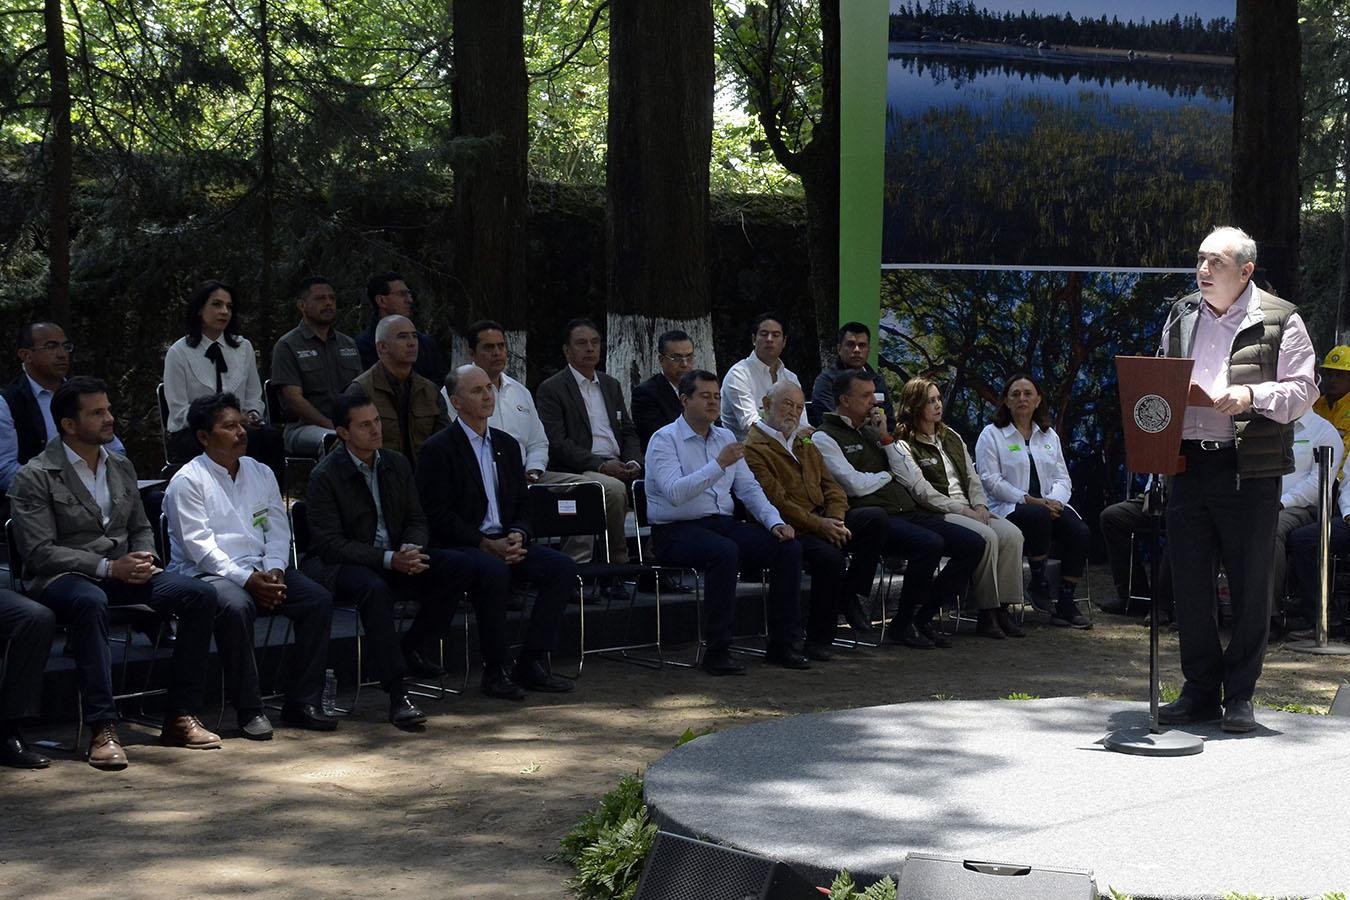 El Director General de la Conagua, Roberto Ramírez de la Parra, asistió a la Promulgación de la Ley General de Desarrollo Forestal Sustentable y Firma de Decretos de Reserva de Agua, en el marco del Día Mundial del Medio Ambiente.